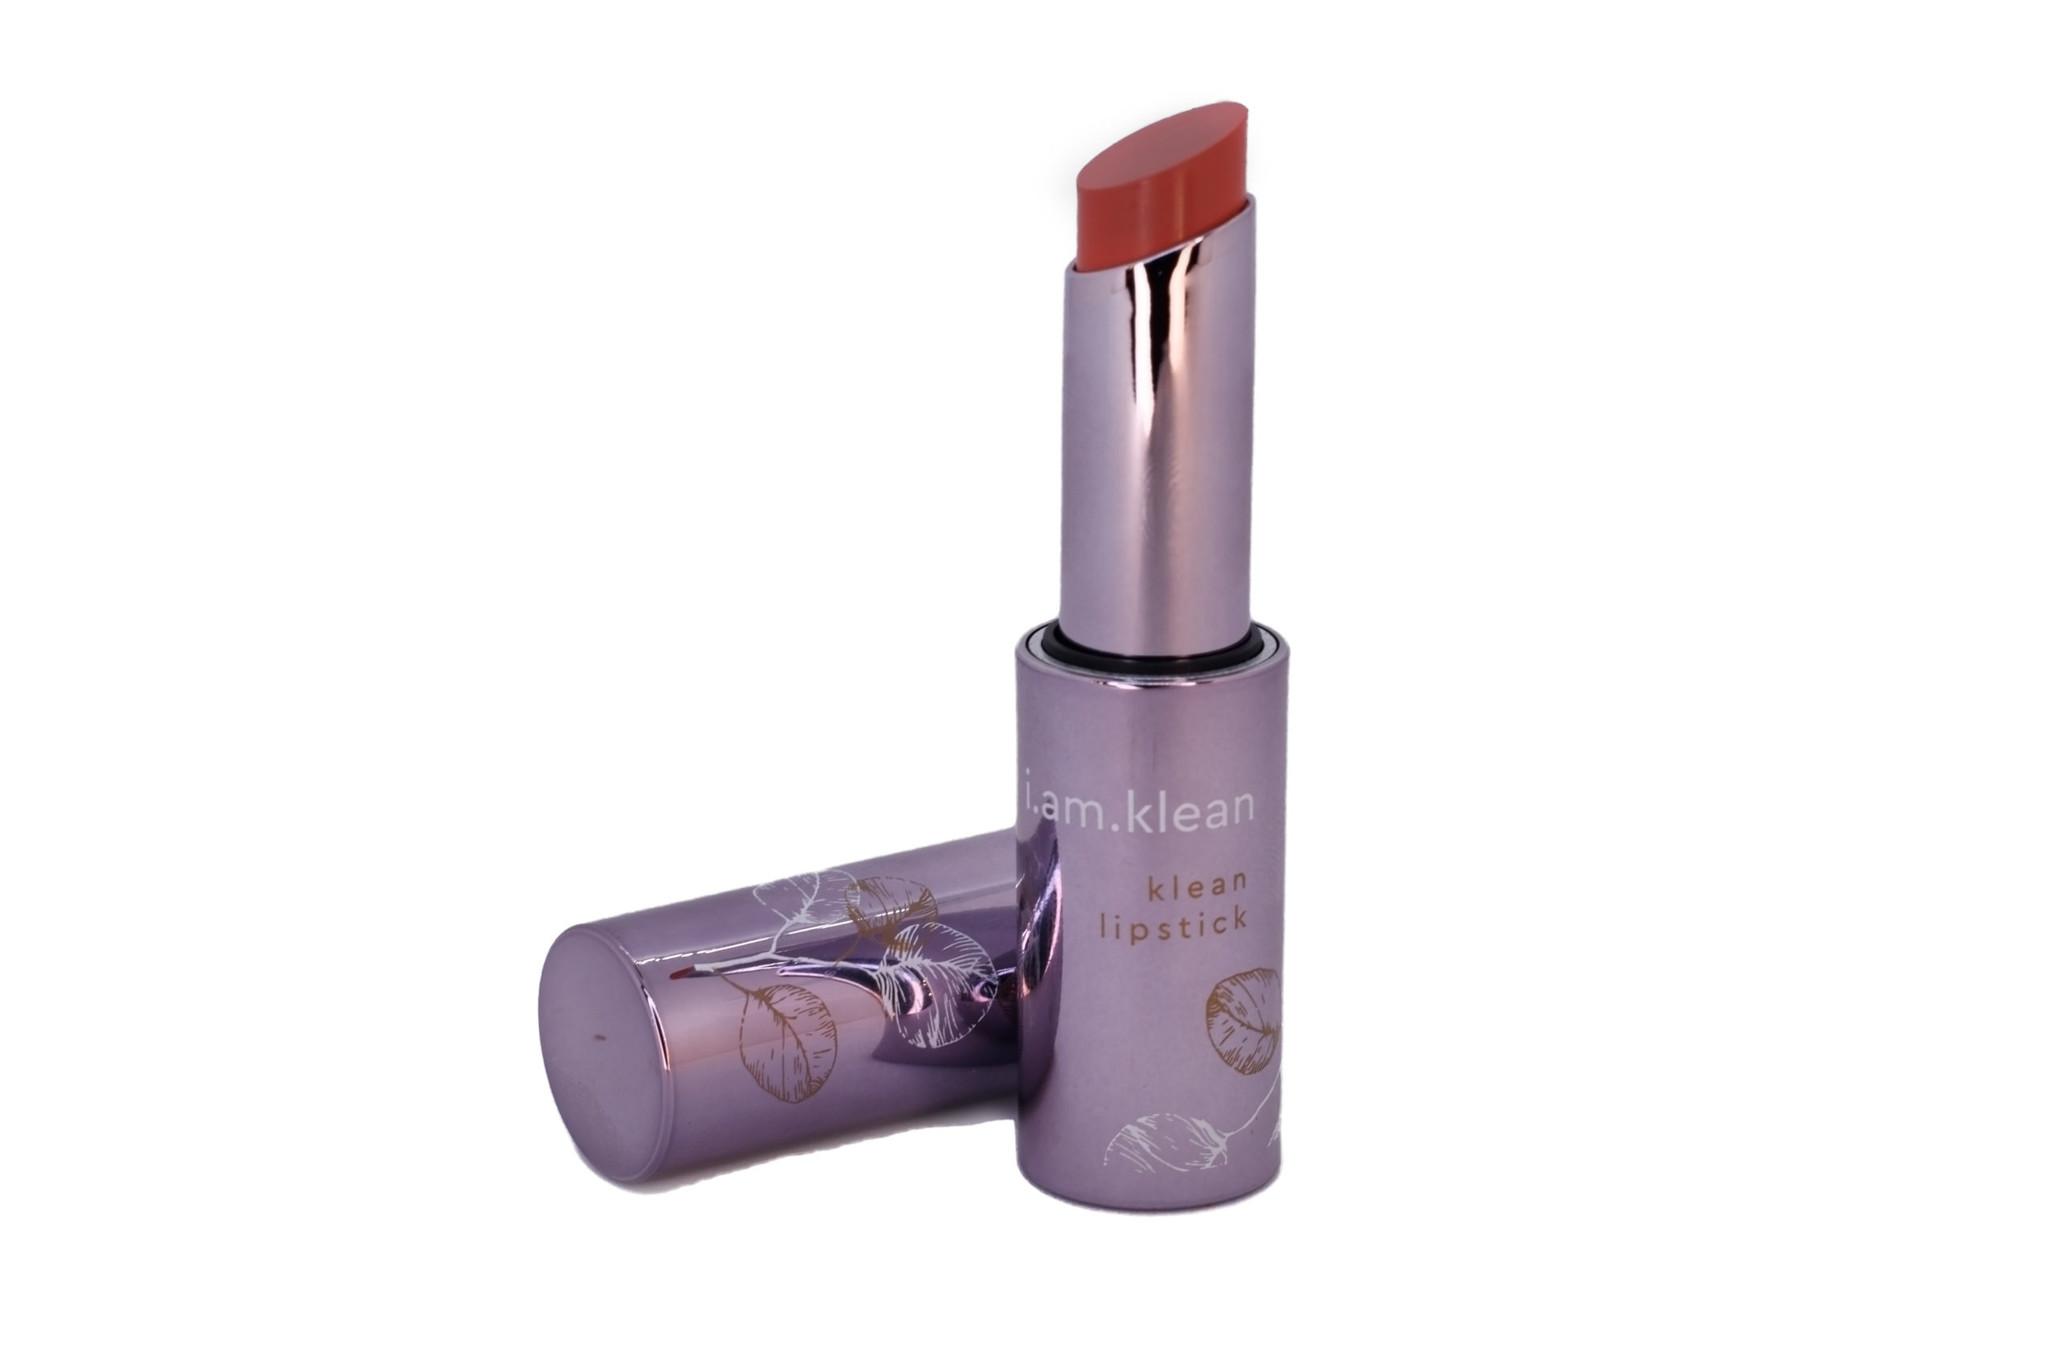 Klean Lipstick-3